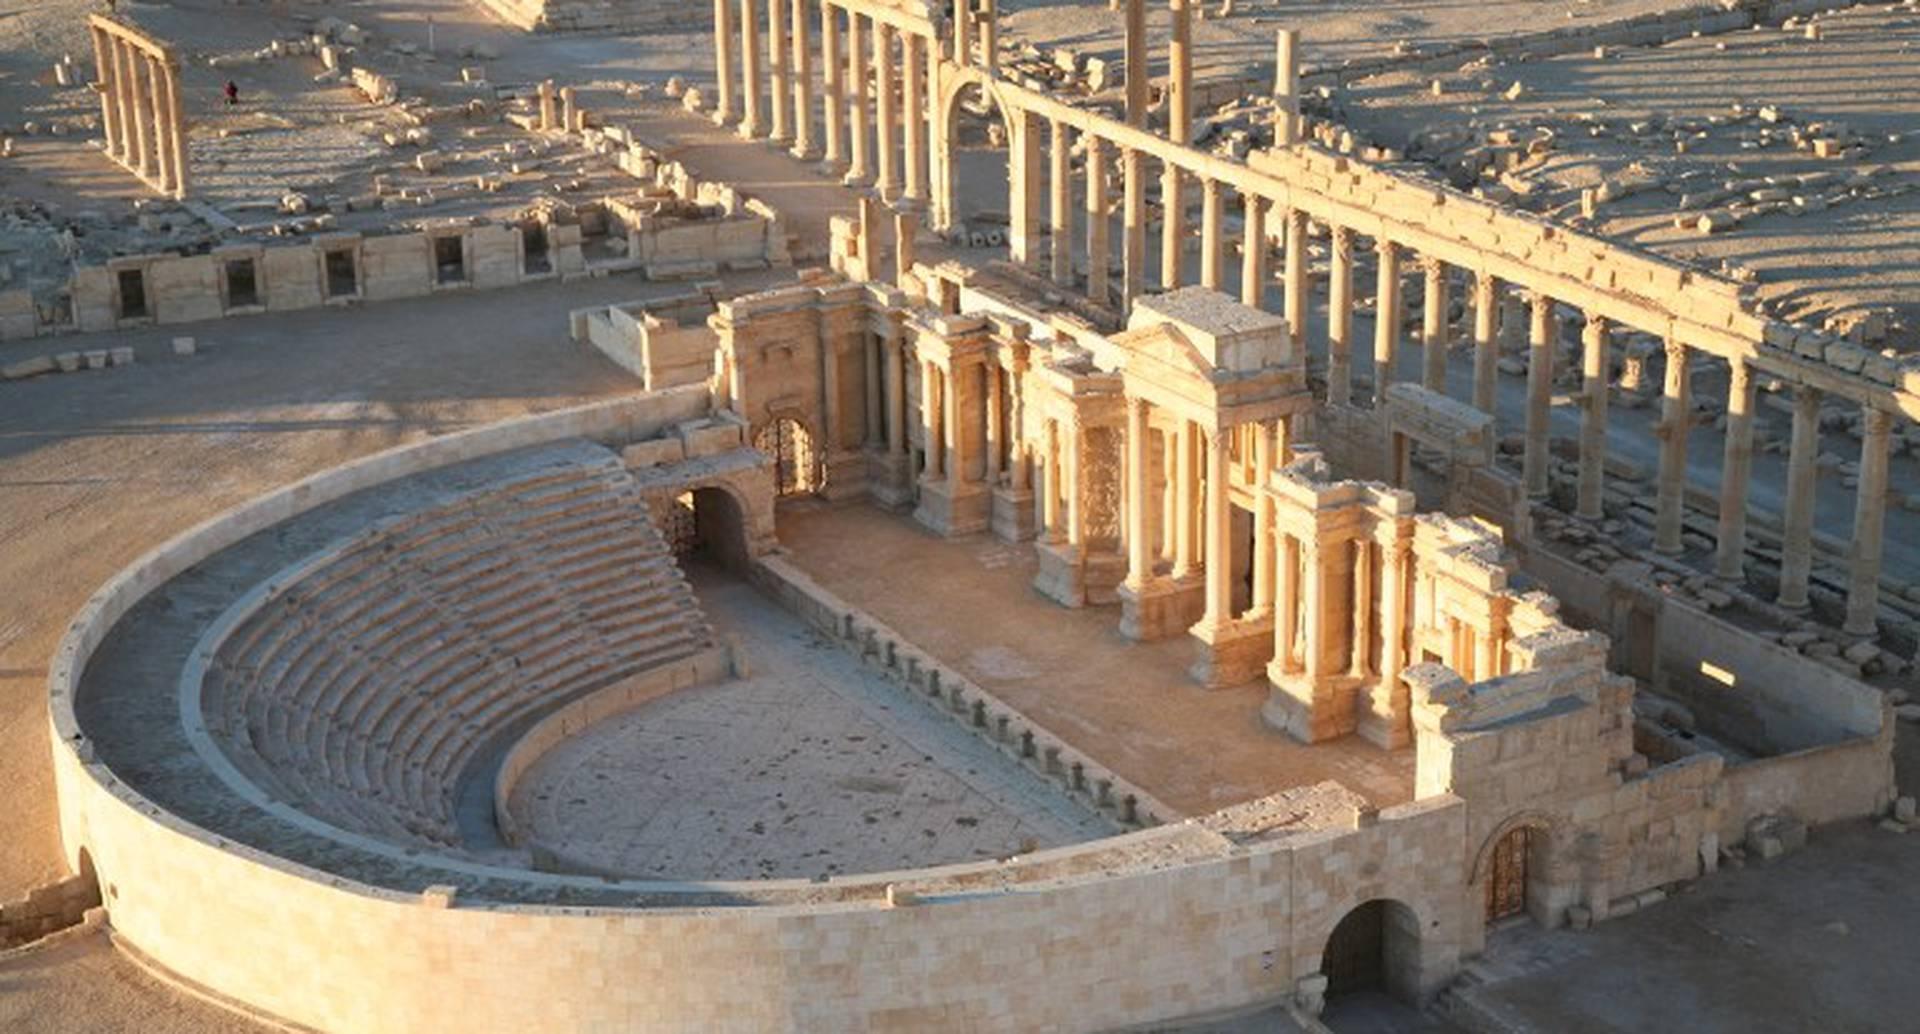 Desde hacía días el mundo miraba con preocupación cómo las tropas de Isis se acercaban a las ruinas de la milenaria ciudad de Palmyra, una de las ciudades históricas más hermosas del mundo. Para la madrigada del 21 de mayo la ciudad se había rendido ante los ataques del grupo terrorista. Foto: AFP